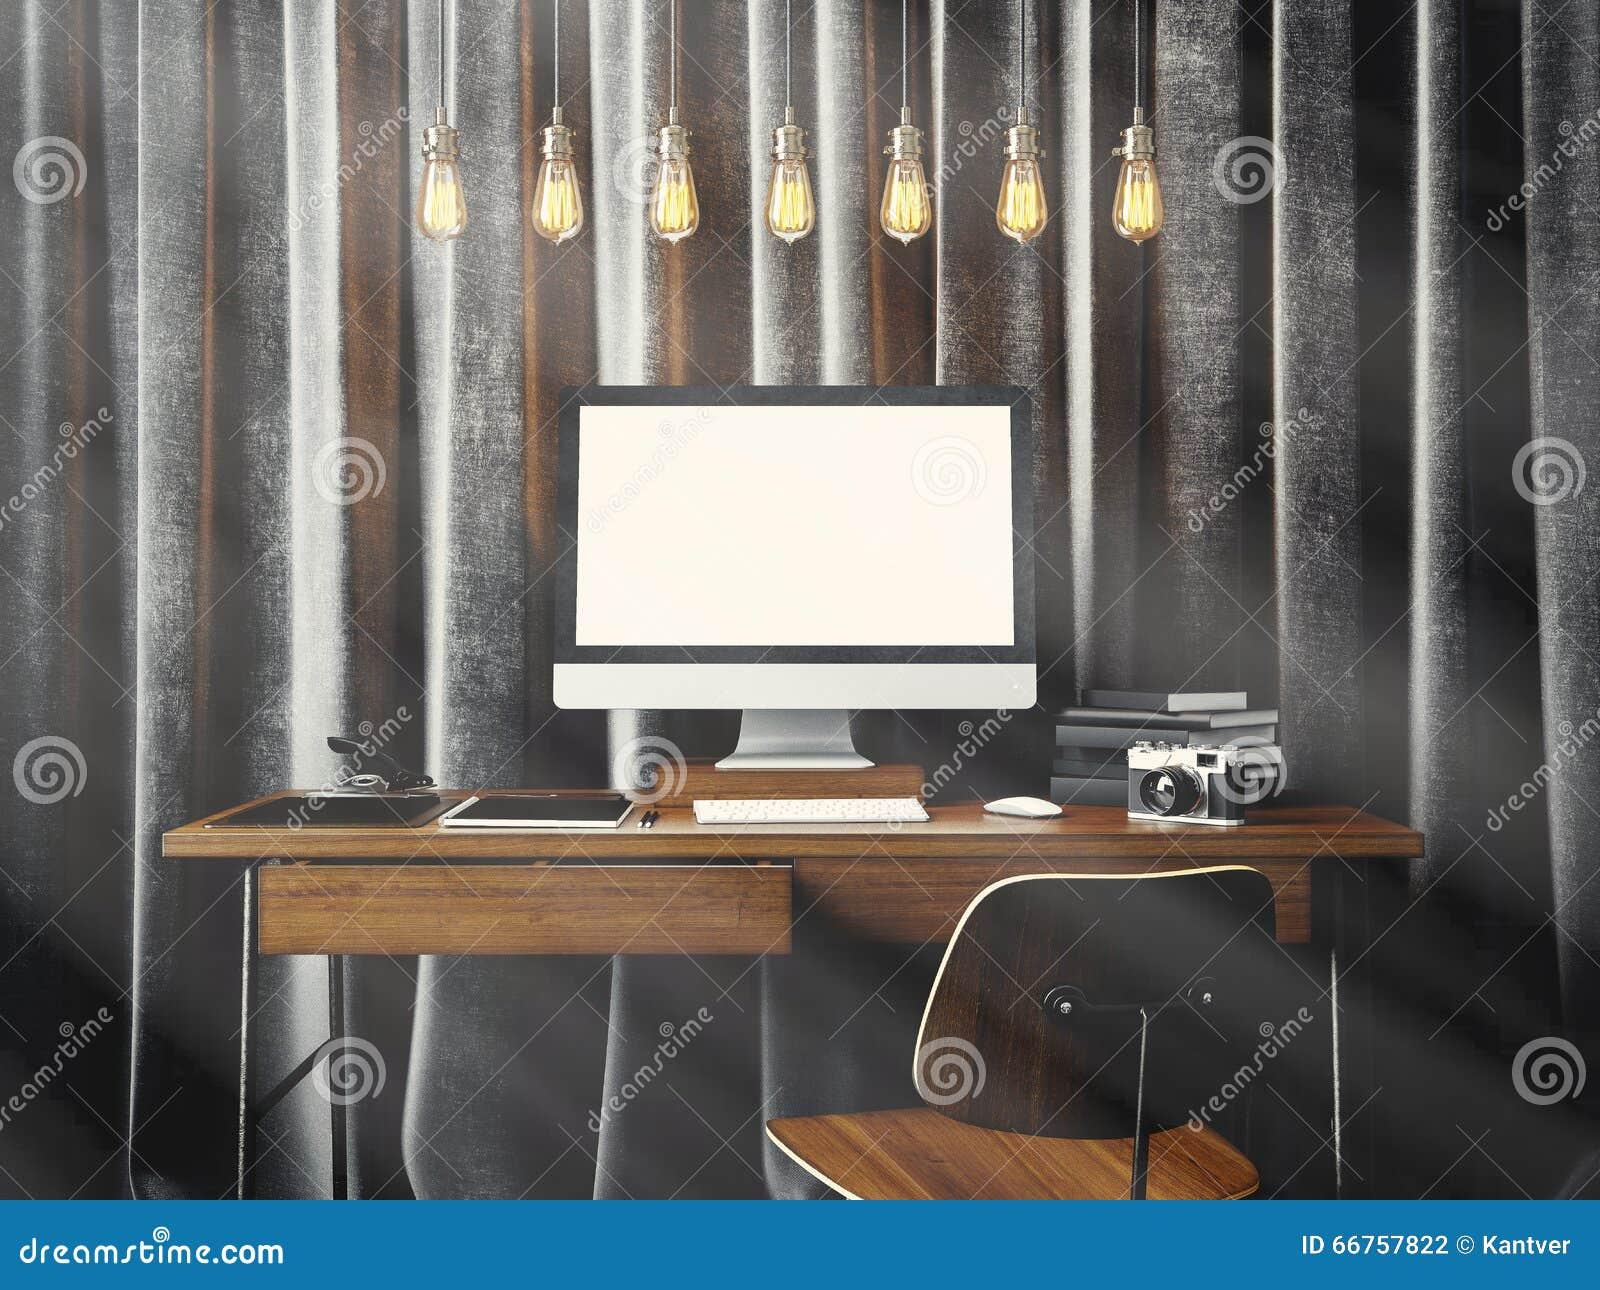 Arbeitsplatz in moder coworking Dachboden mit generischem Designcomputer und einbrennenden Elementen auf dem Tisch 3d übertragen